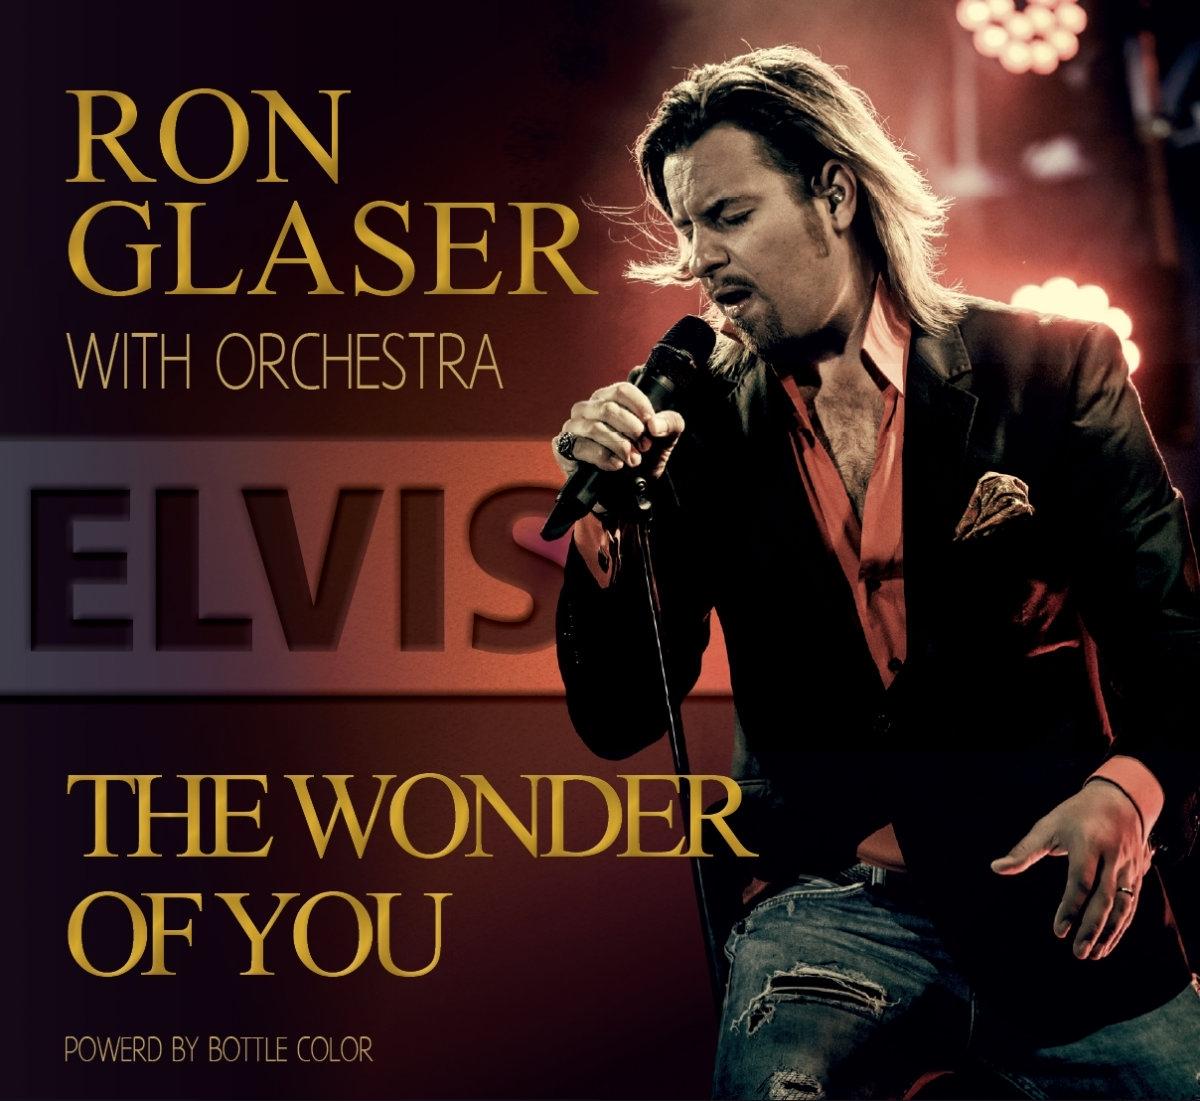 Ron Glaser - The Wonder of You - RON GLASER sehen - ELVIS hören. Ron Glaser bringt bekannte und weniger bekannte Songs des King of Rock'n'Roll in orchestralem Arrangement. Zu keiner Zeit ins Kitschige abrutschend bringt Ron Glaser Elvis pur mit allem Gefühl und aller Power, die den King of Rock'n'Roll auszeichnen. Hier haben wir eine lebendige, dem aktuellen Soundempfinden entsprechend genial gemasterte Produktion, die vergessen lässt, dass hier nicht Elvis Presley singt.